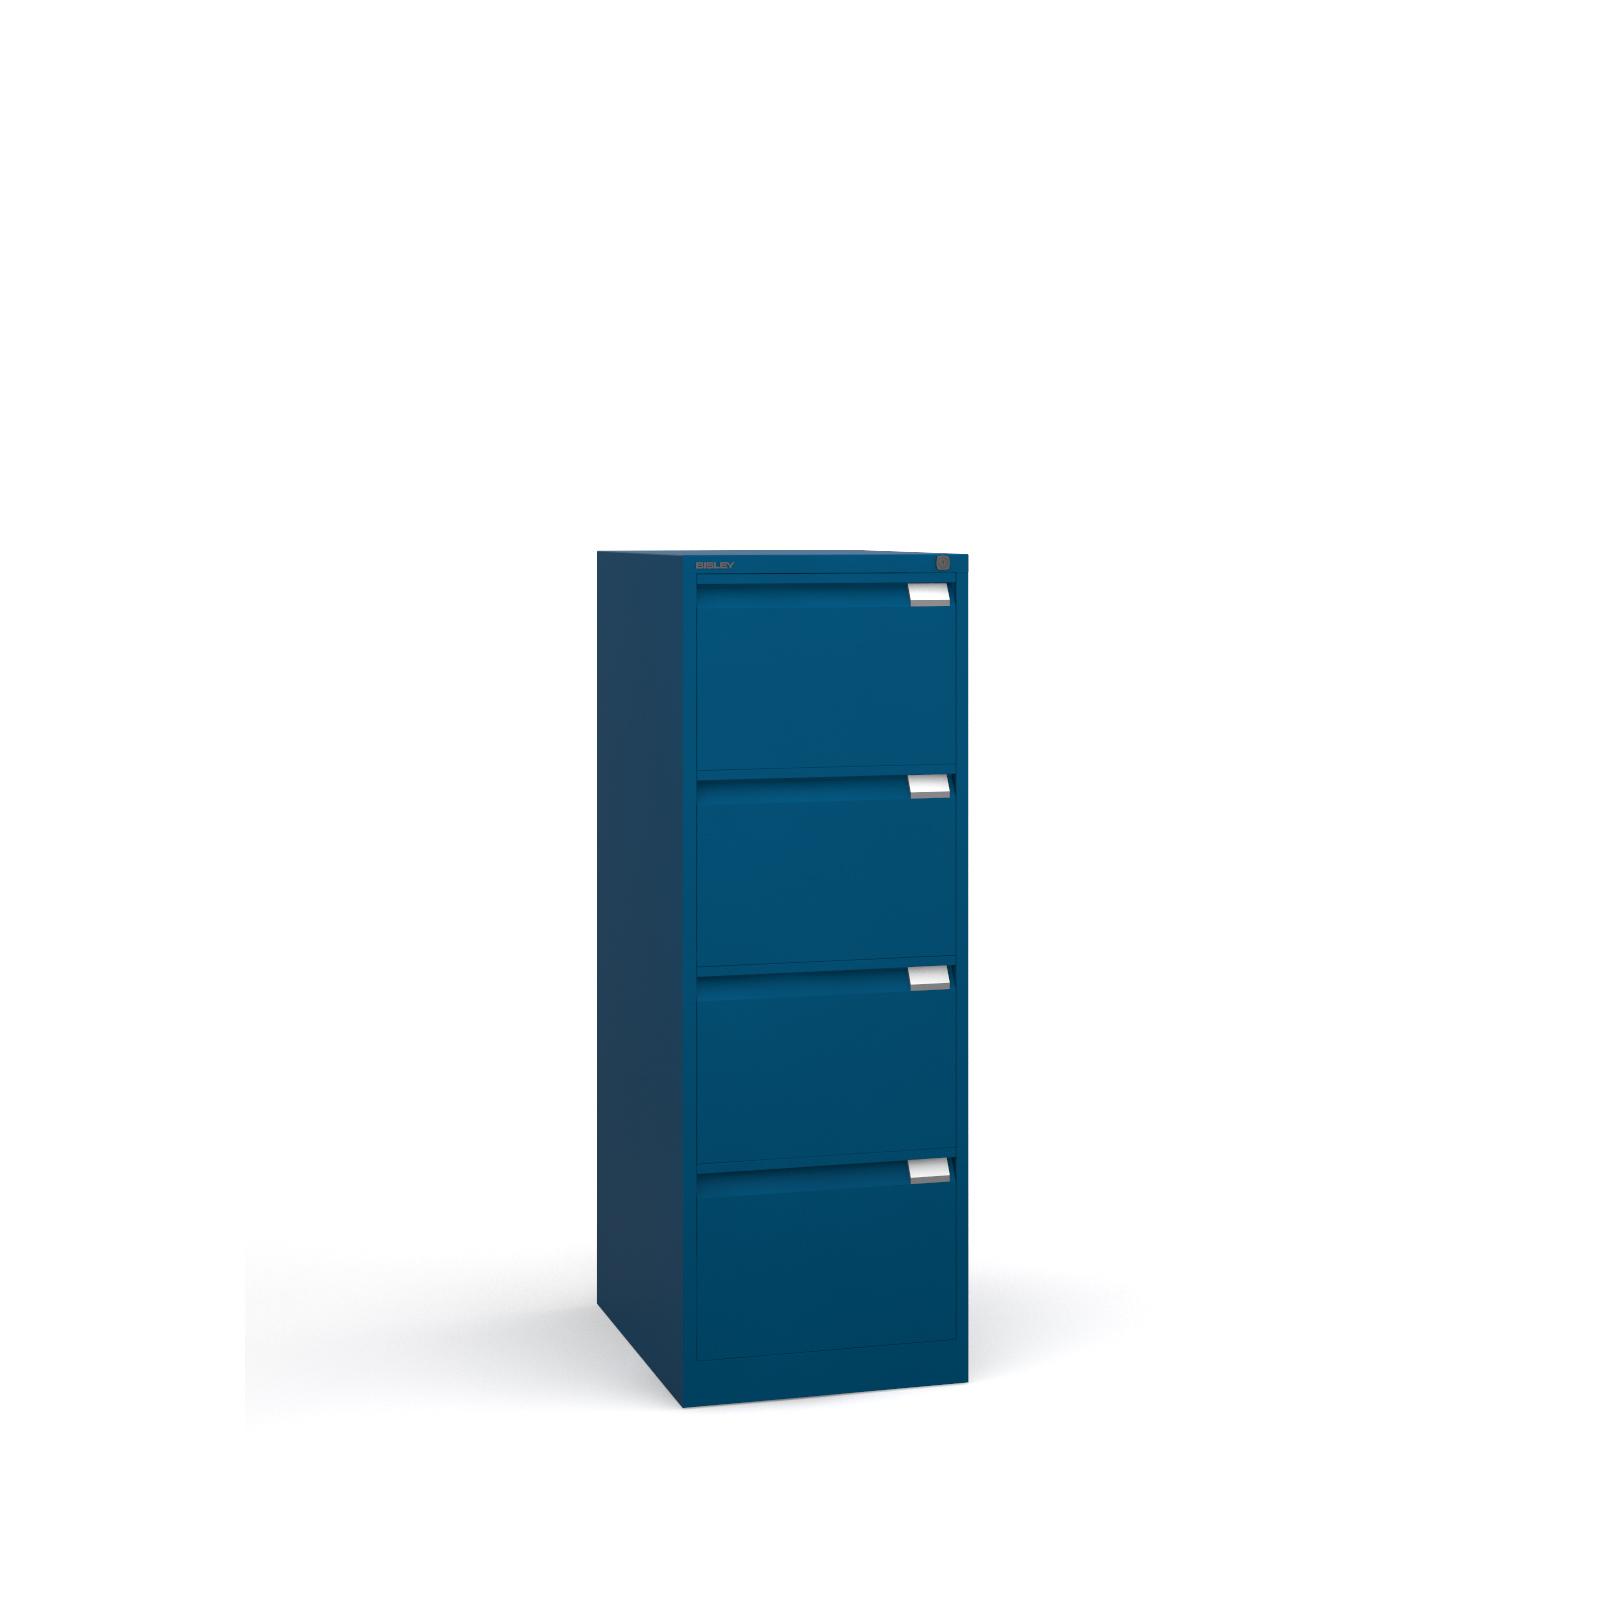 Bisley 4 drawer BS filing cabinet 1321mm - blue